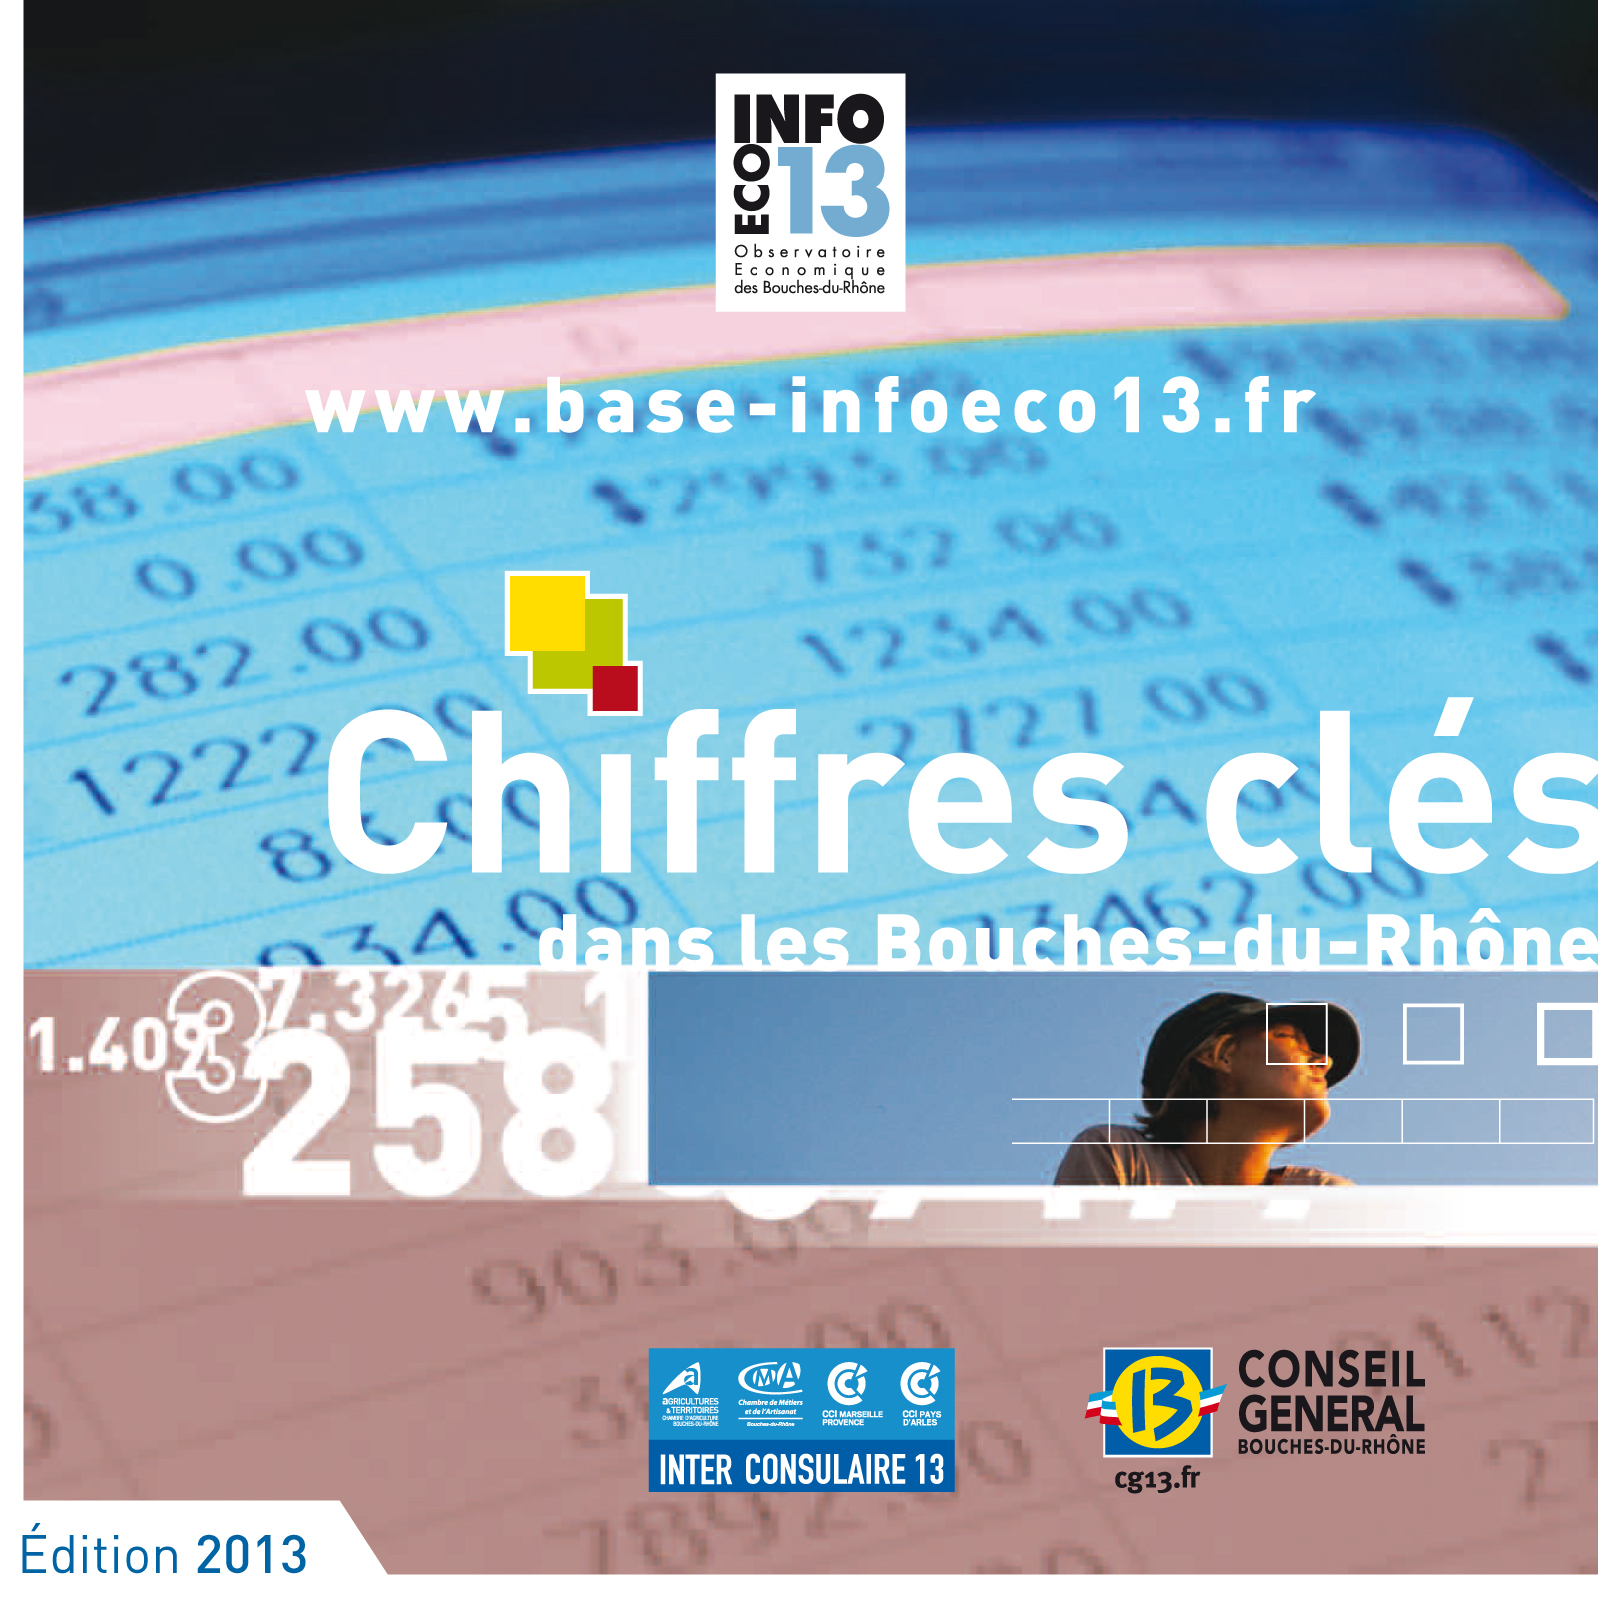 Les chiffres clés des Bouches-du-Rhône - Edition 2013